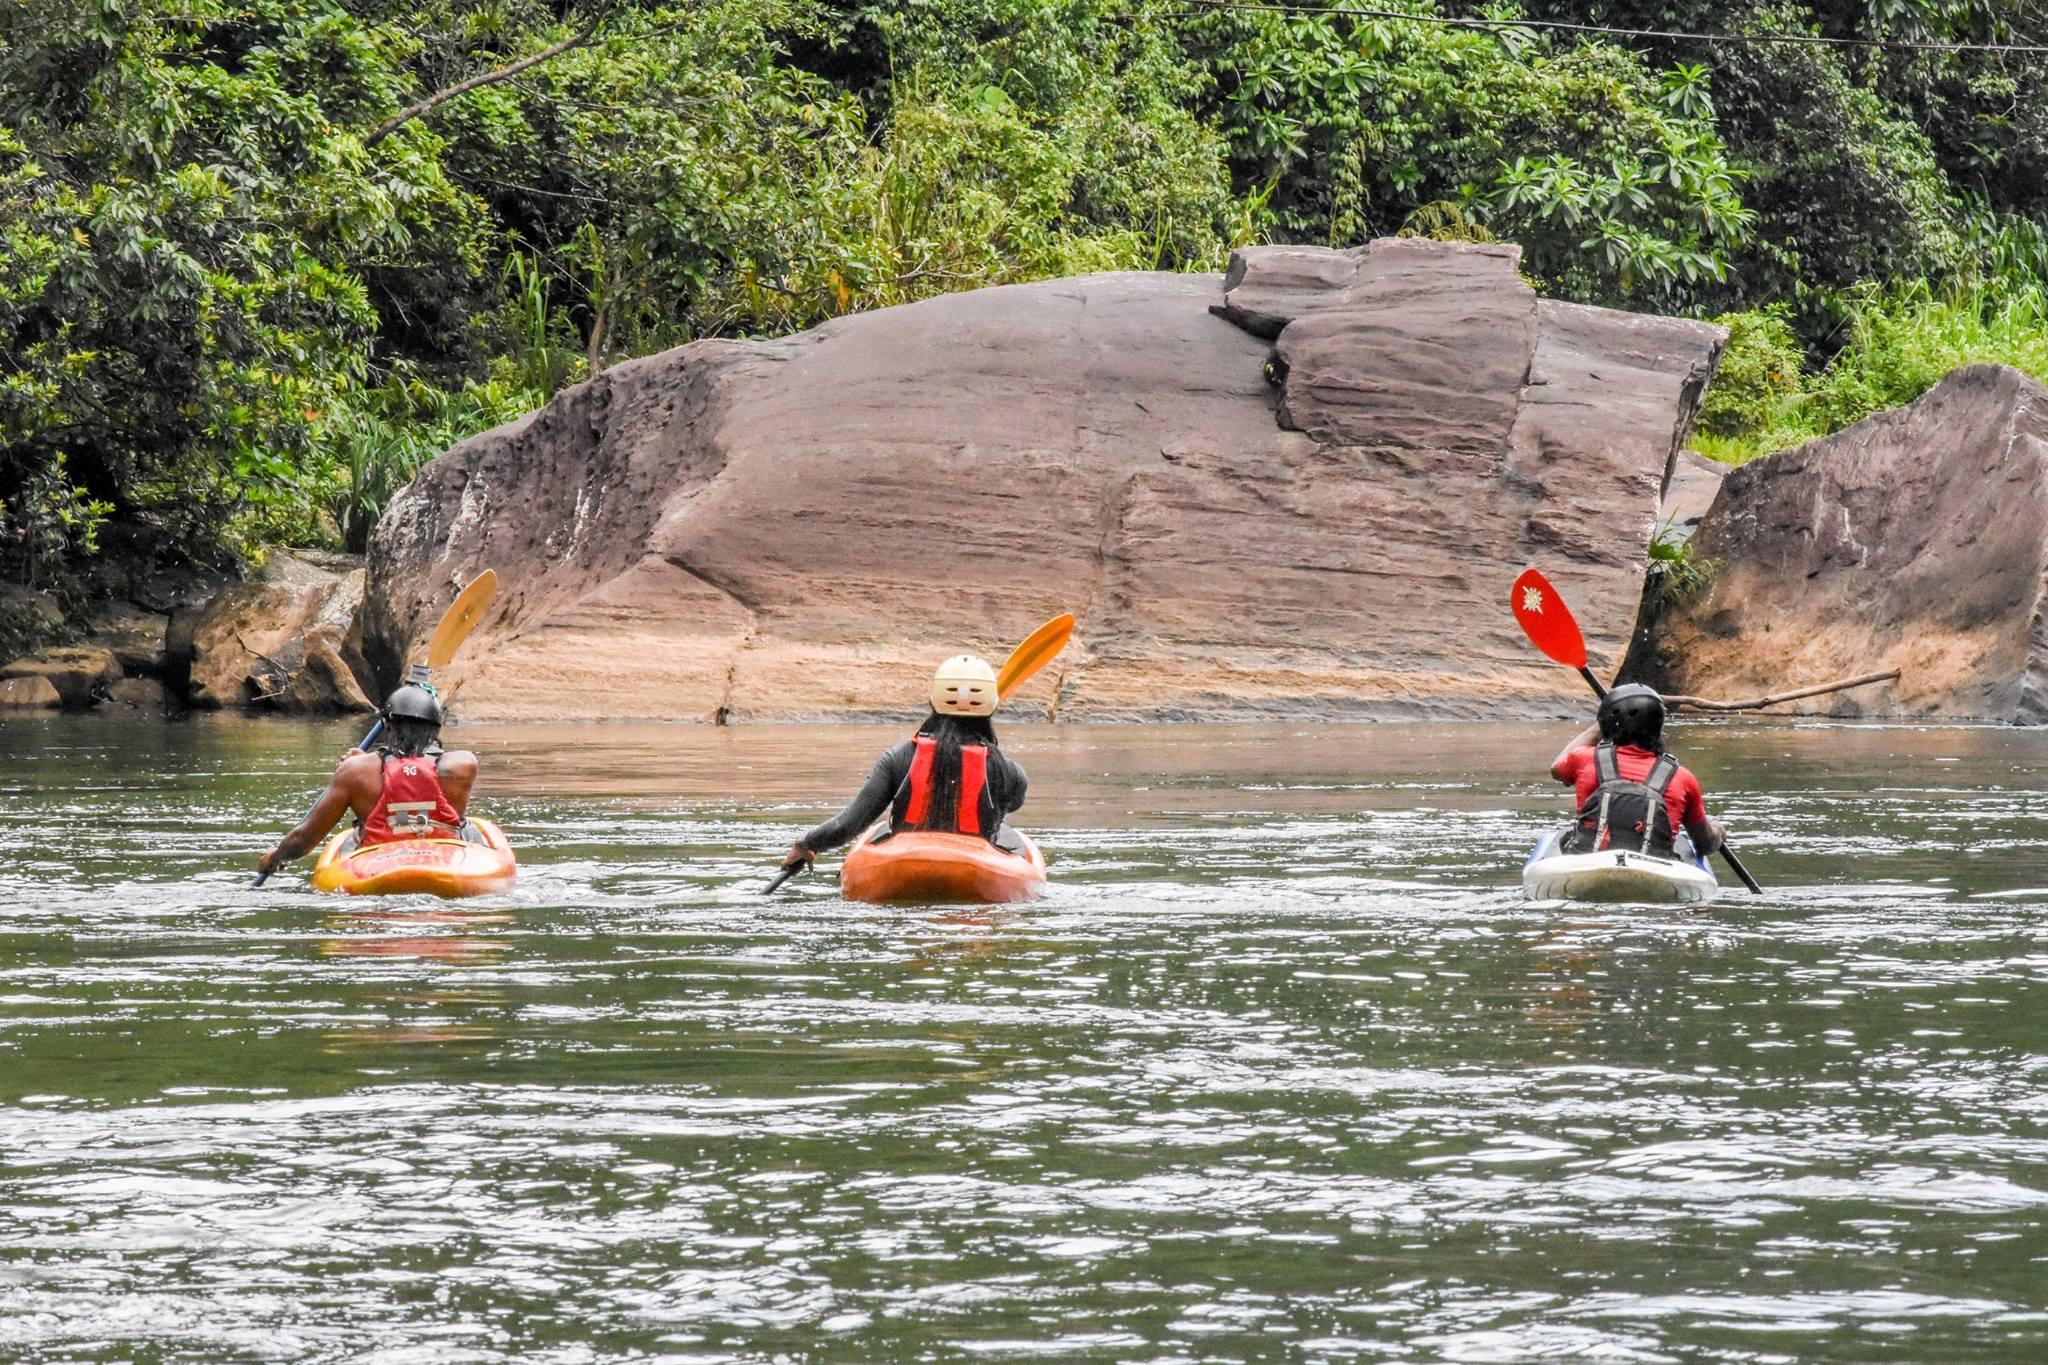 White Water Kayaking Lessons Sri Lanka